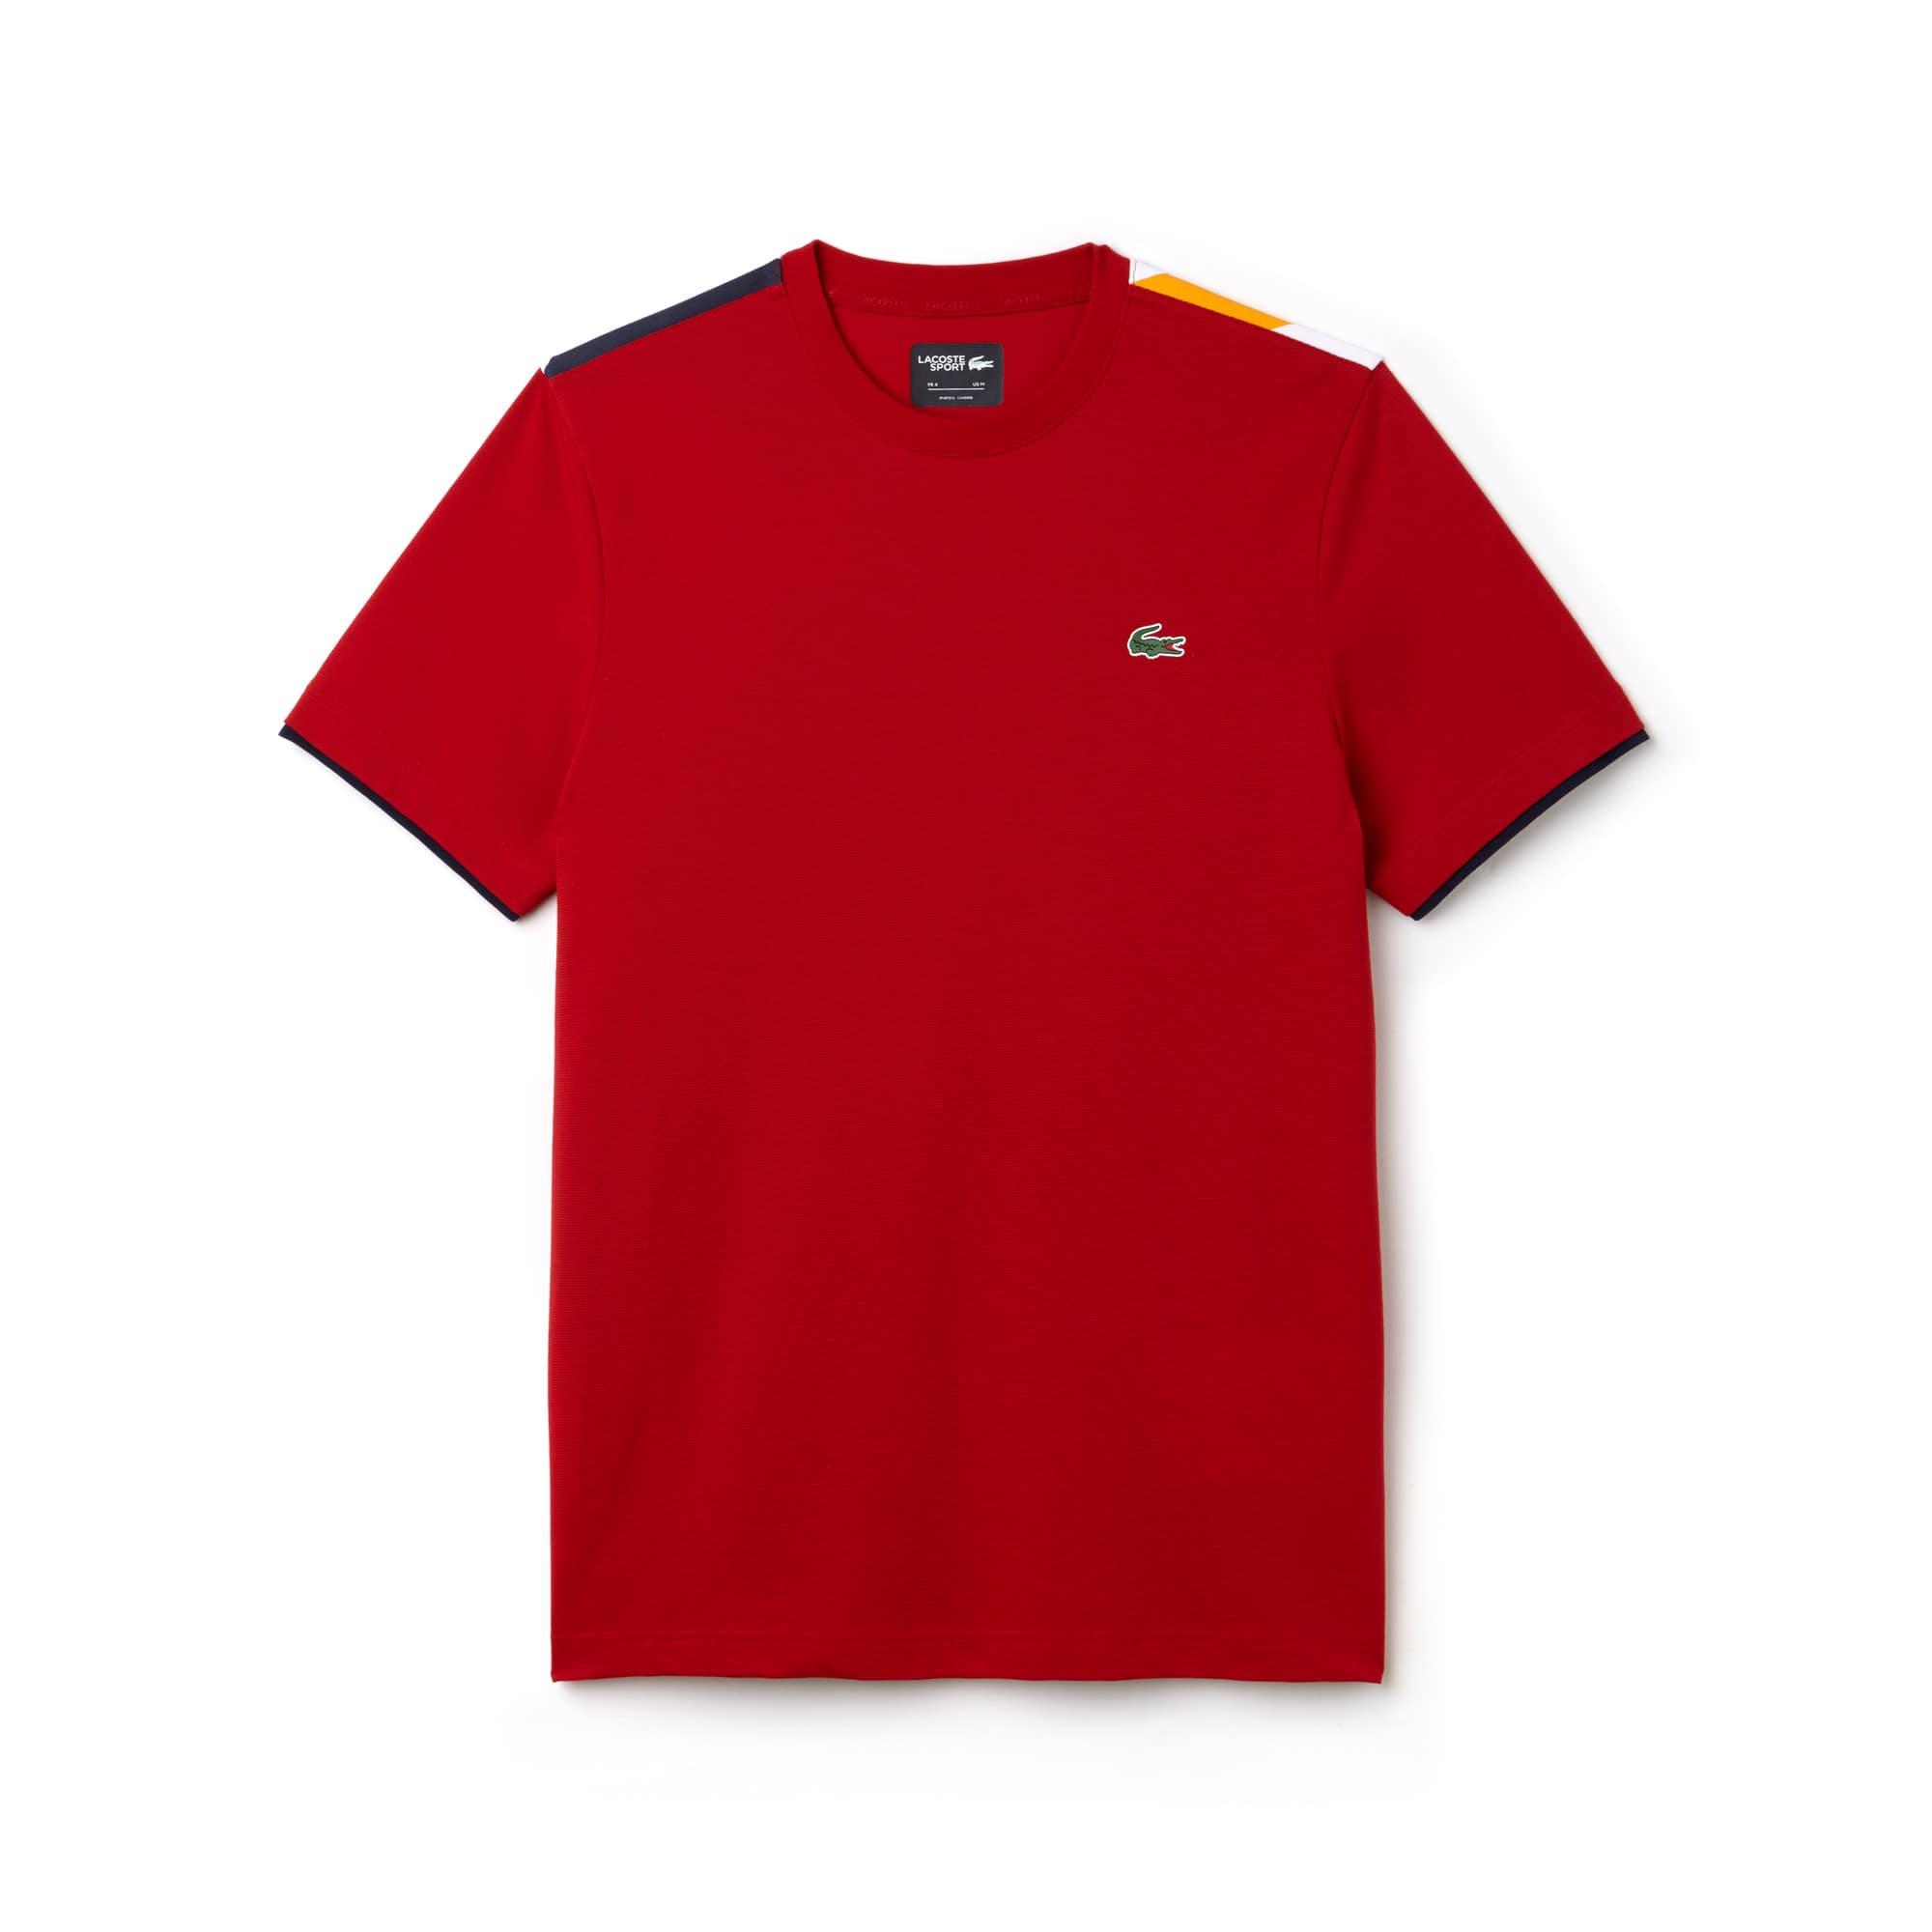 Men's Lacoste SPORT Contrast Accents Cotton Tennis T-shirt